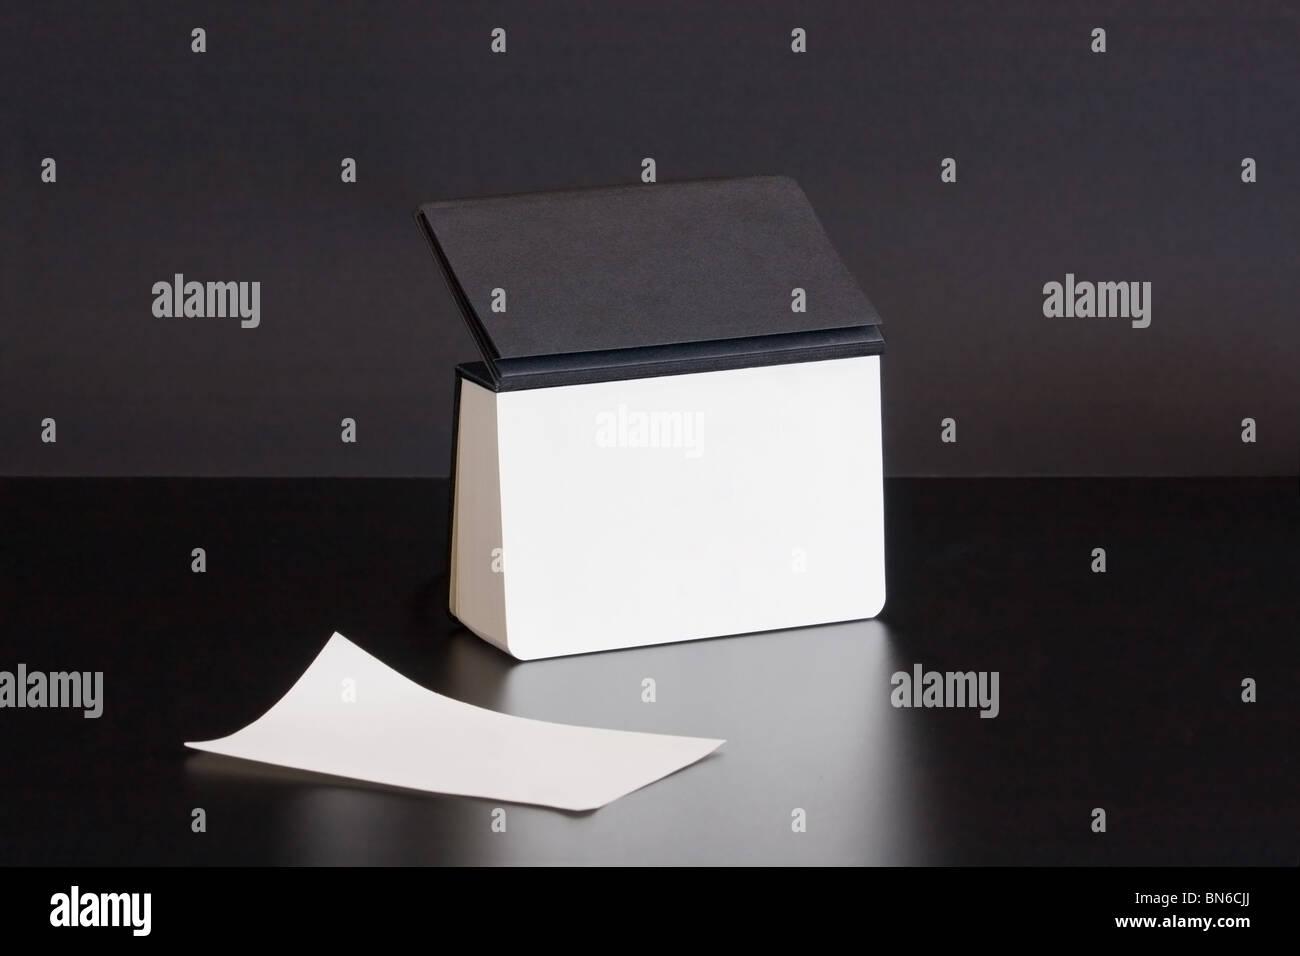 Calendrier de bureau noir avec une feuille blanche Photo Stock